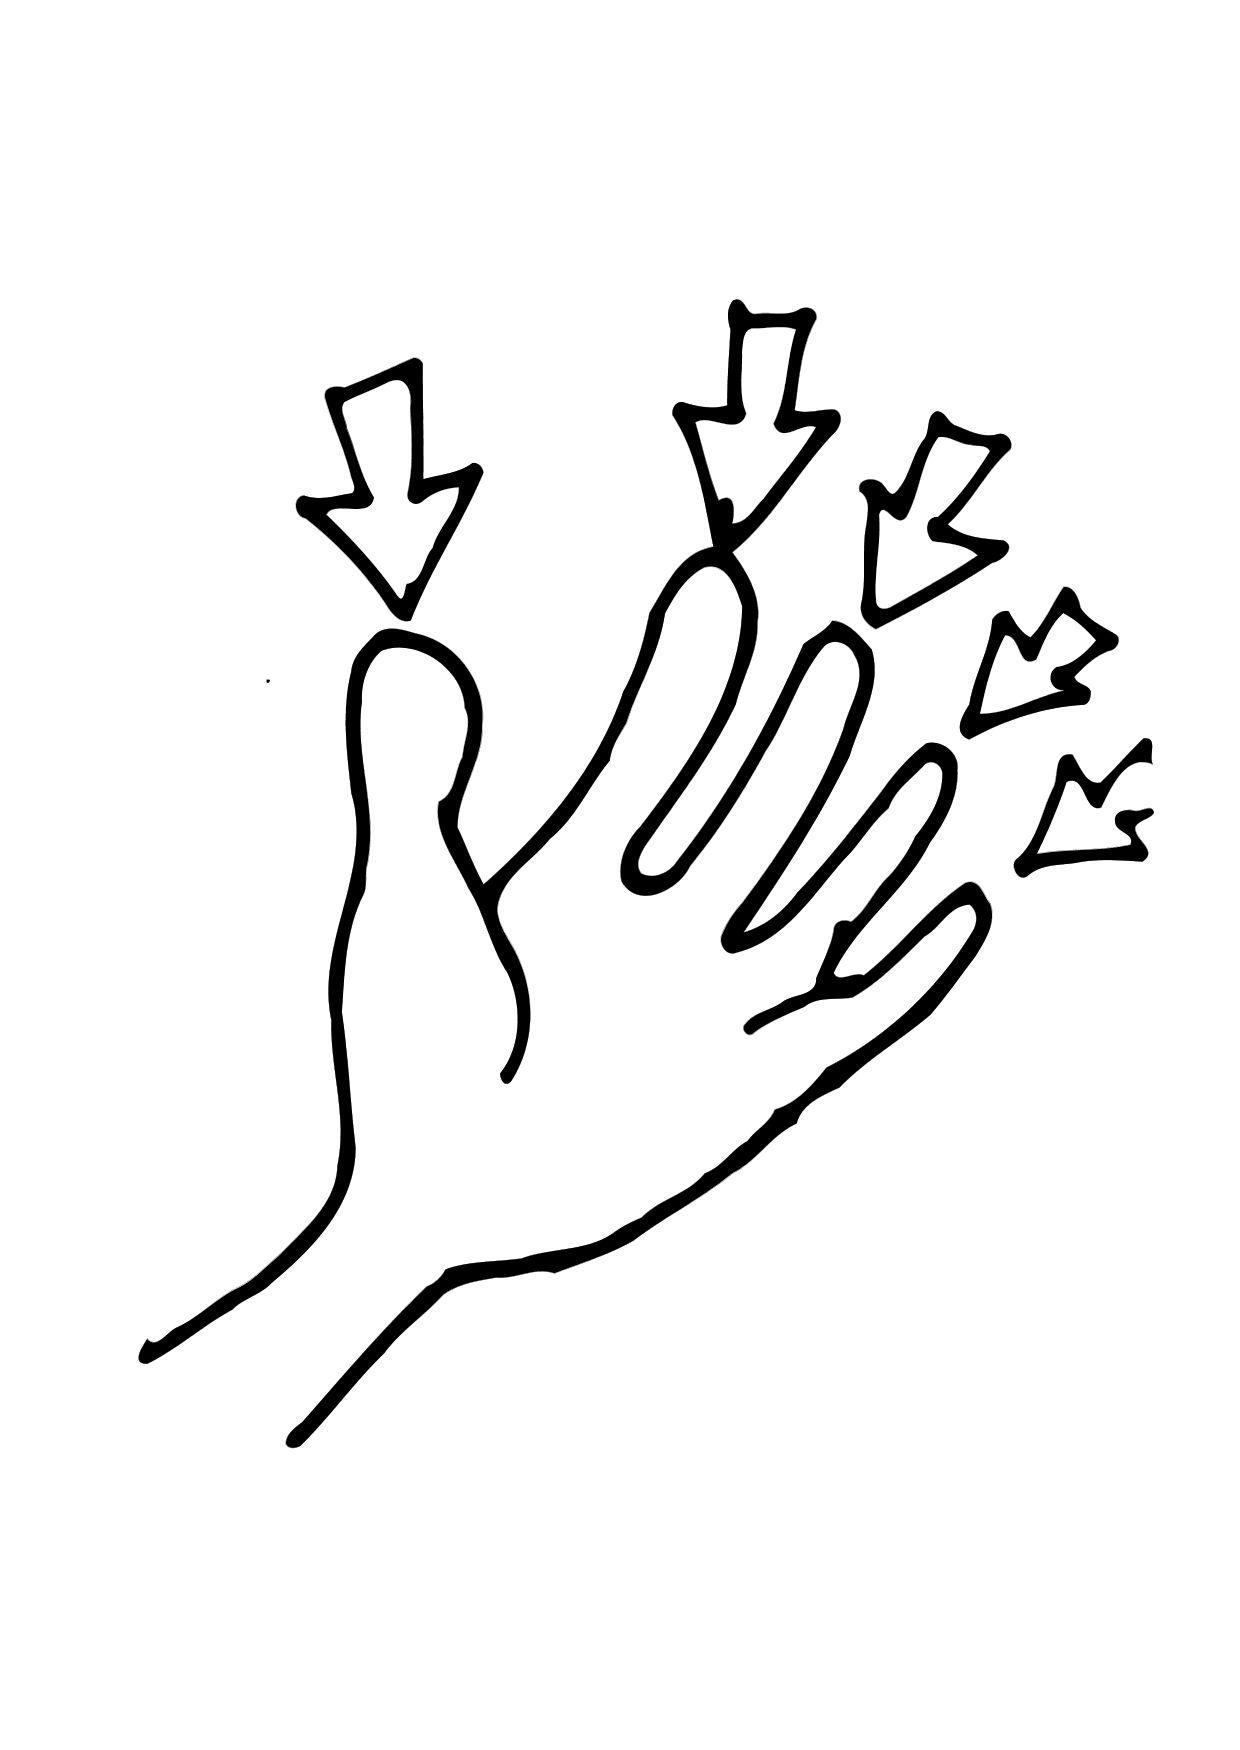 Malvorlage Finger - Kostenlose Ausmalbilder Zum Ausdrucken - Bild